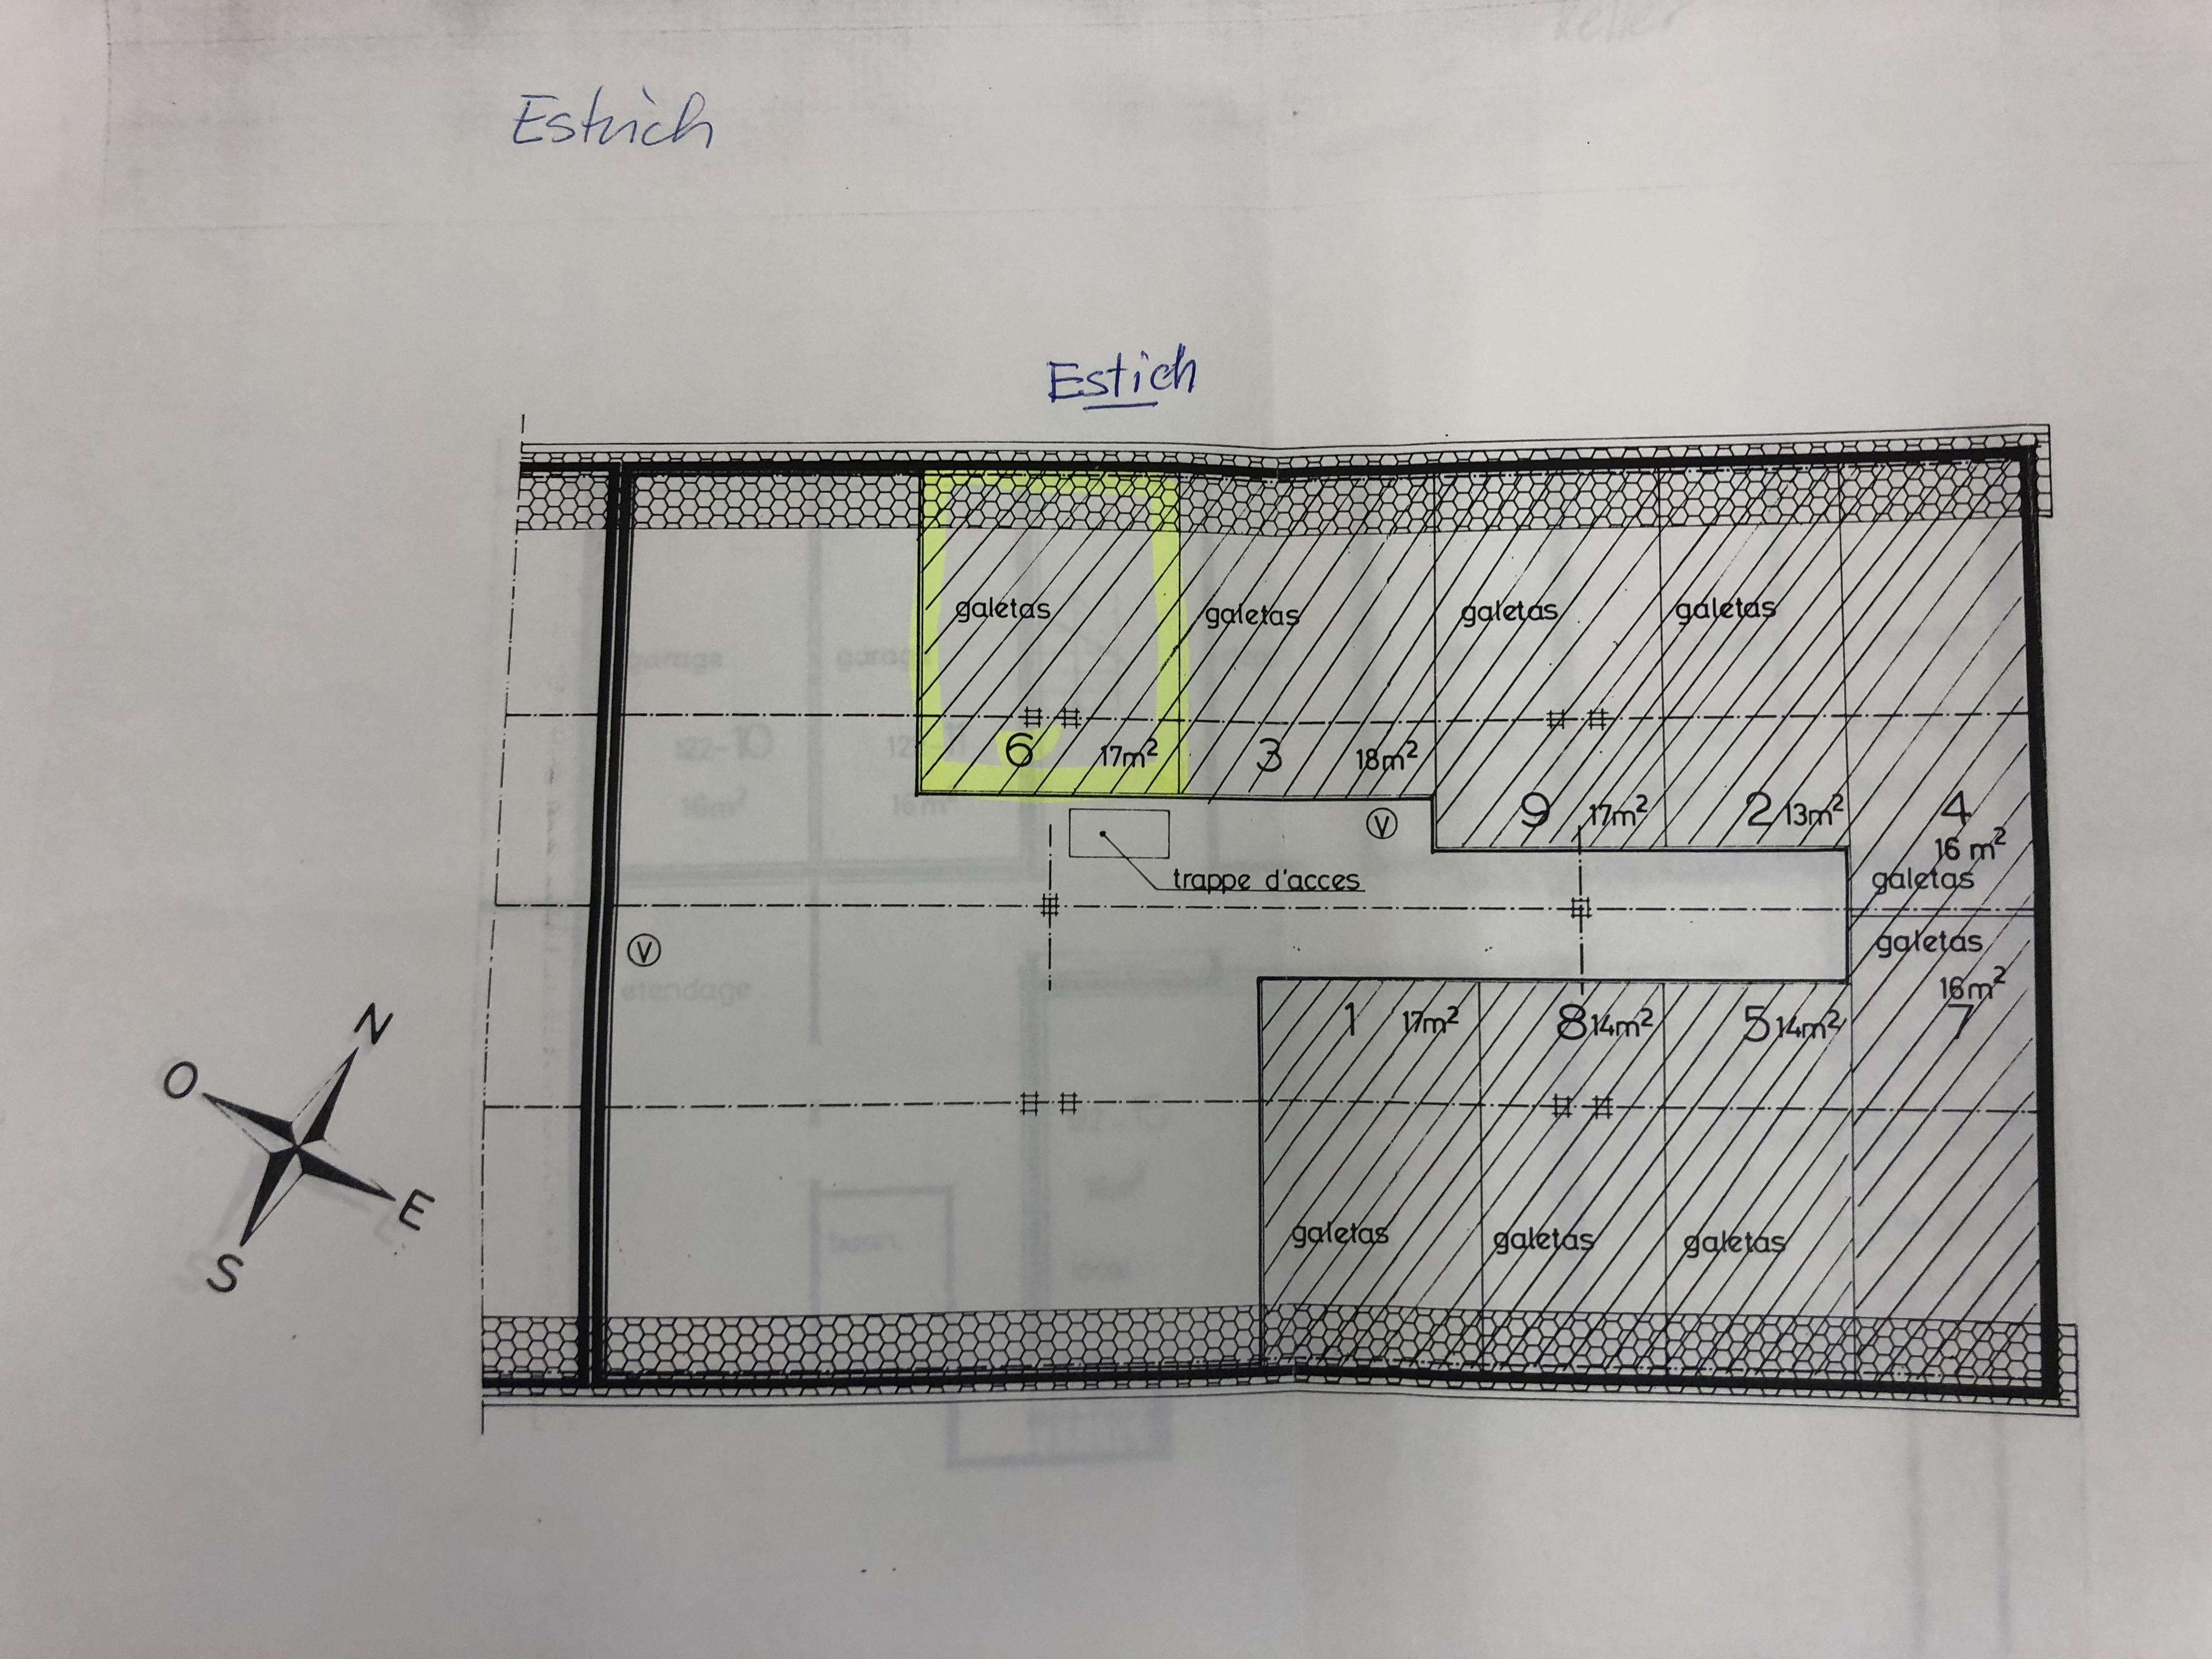 zu verkaufen 4 1 2 zimmer wohnung auch zu vermietung. Black Bedroom Furniture Sets. Home Design Ideas